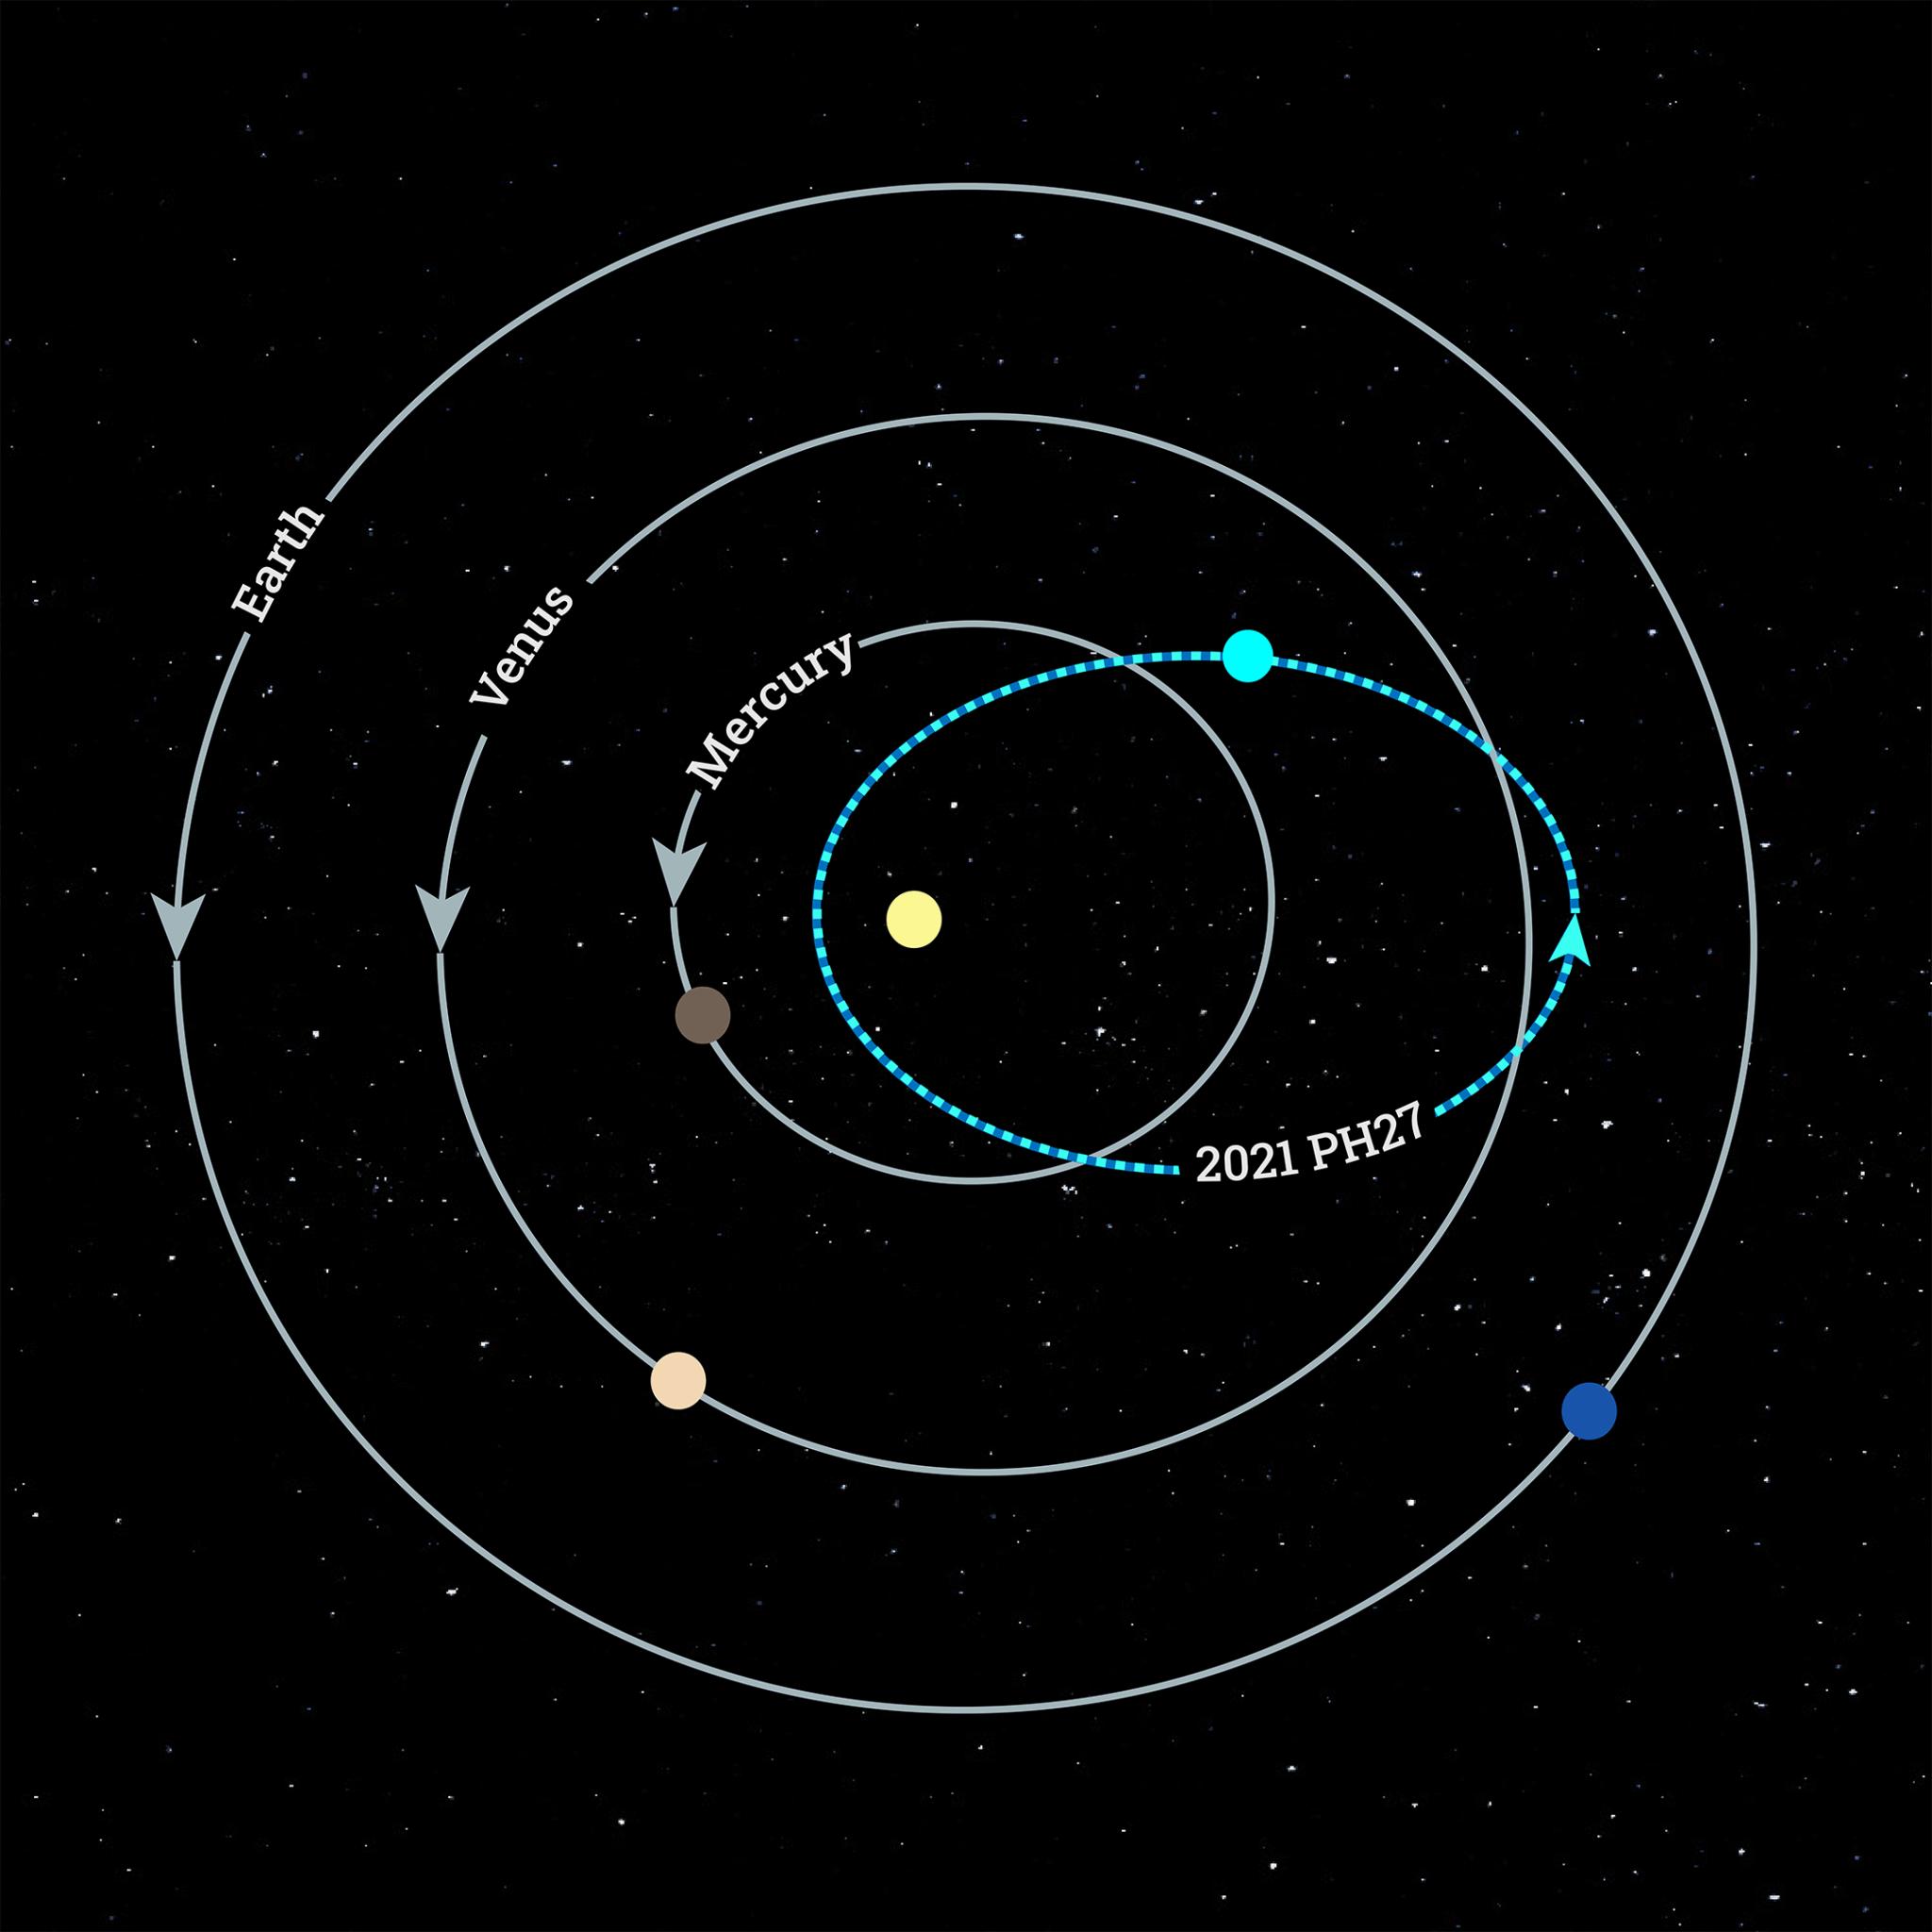 一颗只用113天绕太阳公转的小行星2021 PH27